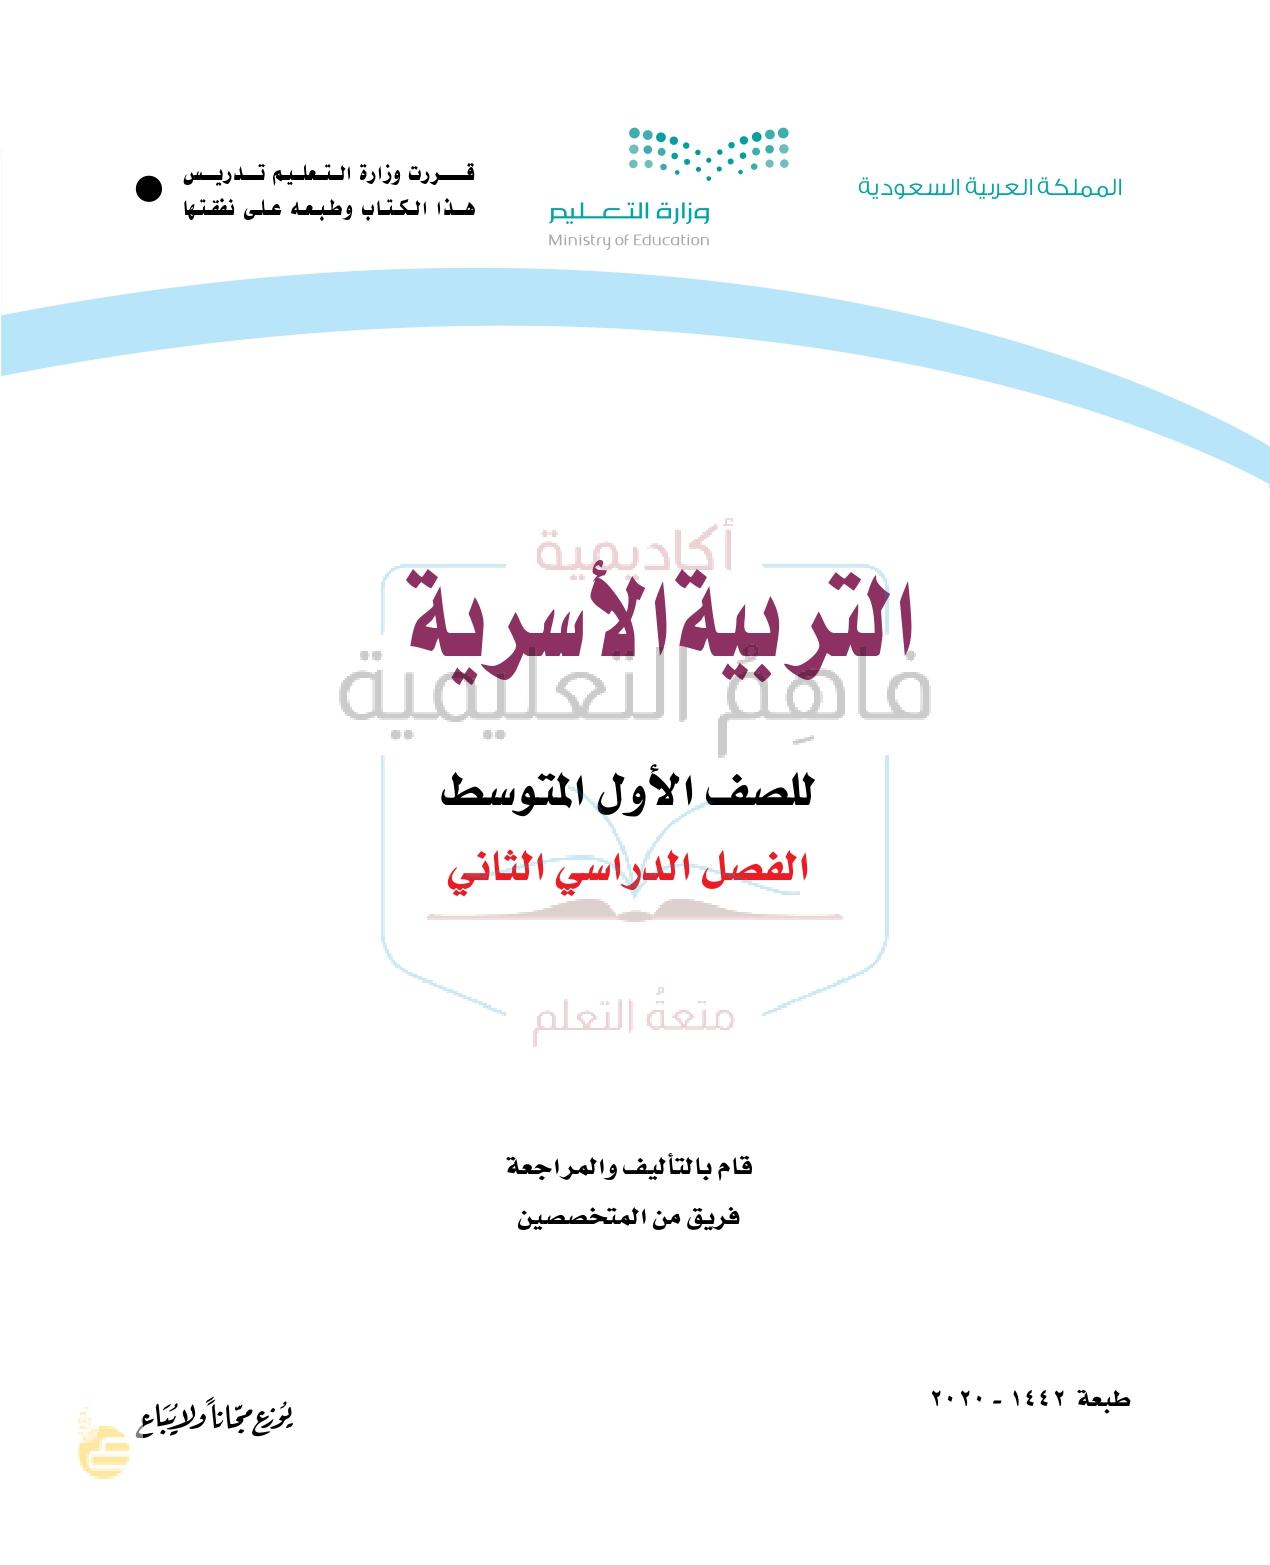 حل تربية اسرية – الوحدة (4) – التوعية الصحية – صفحة 9-31